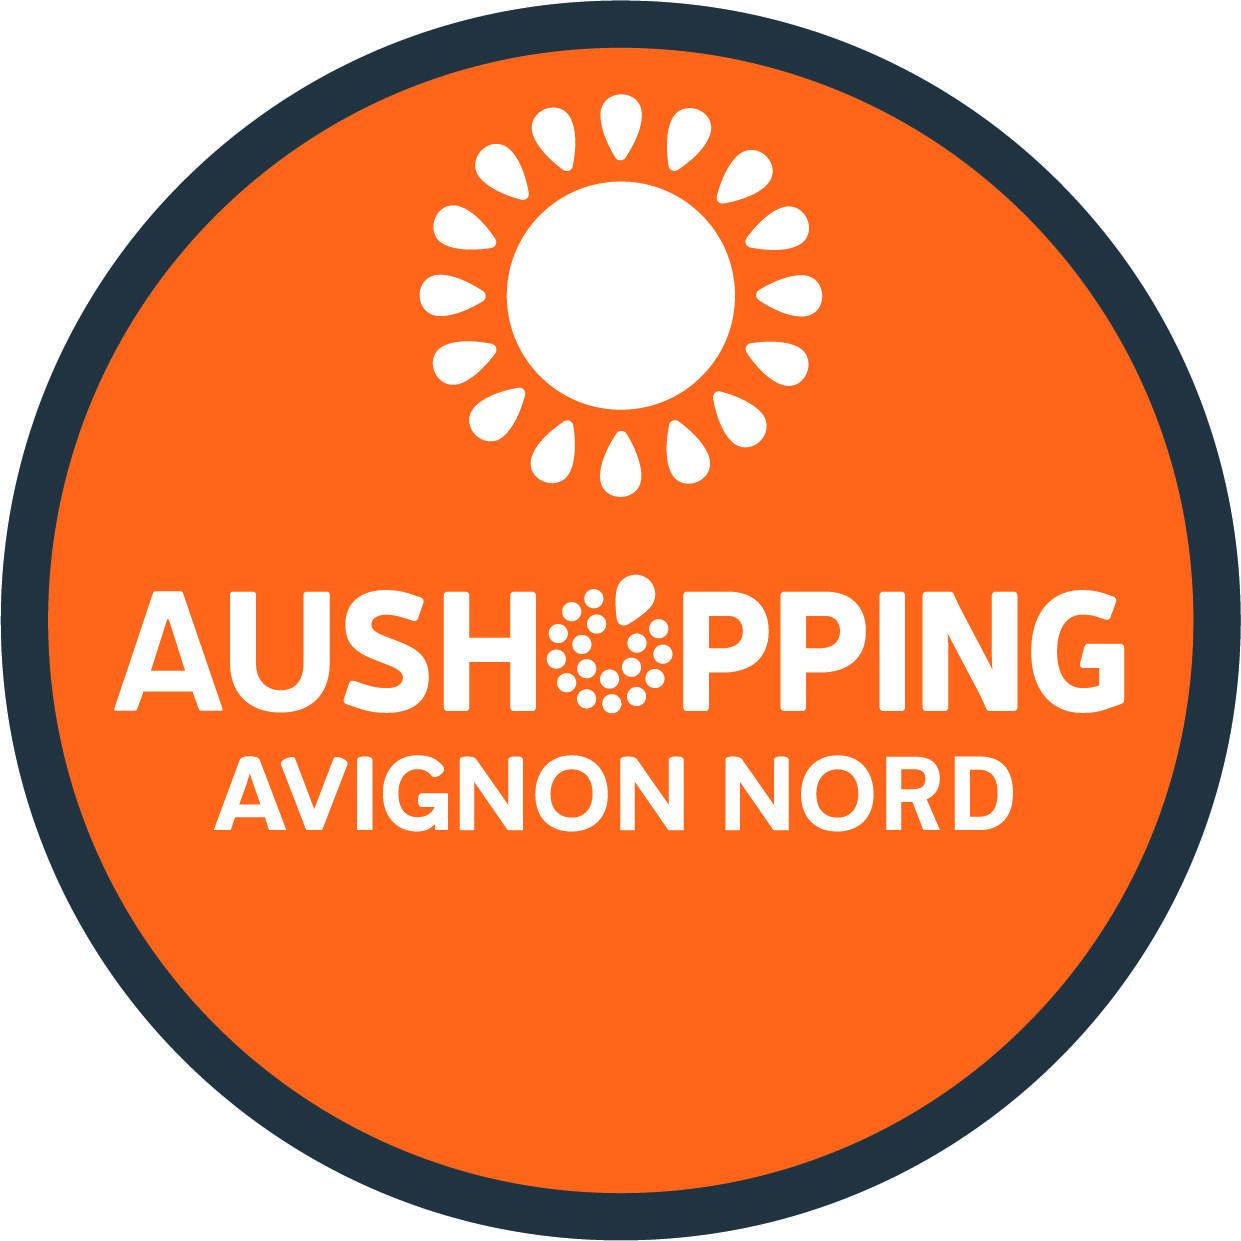 aushoppingcommercialcentercentrecommercialauchancity_1622703547